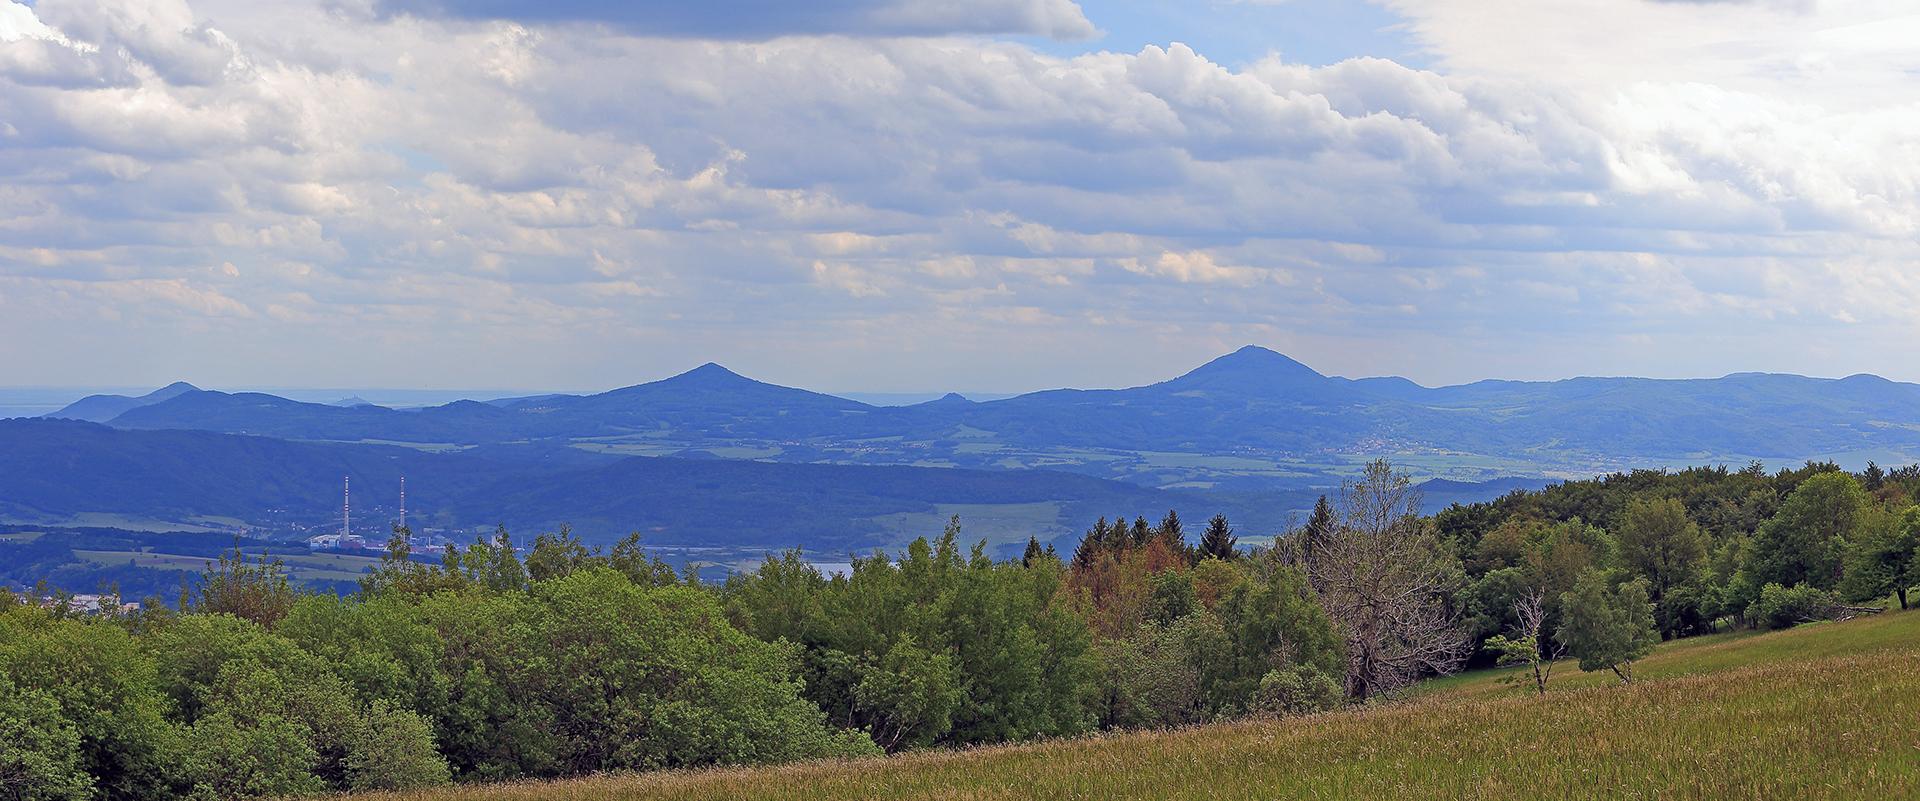 Tschechien Grenzöffnung